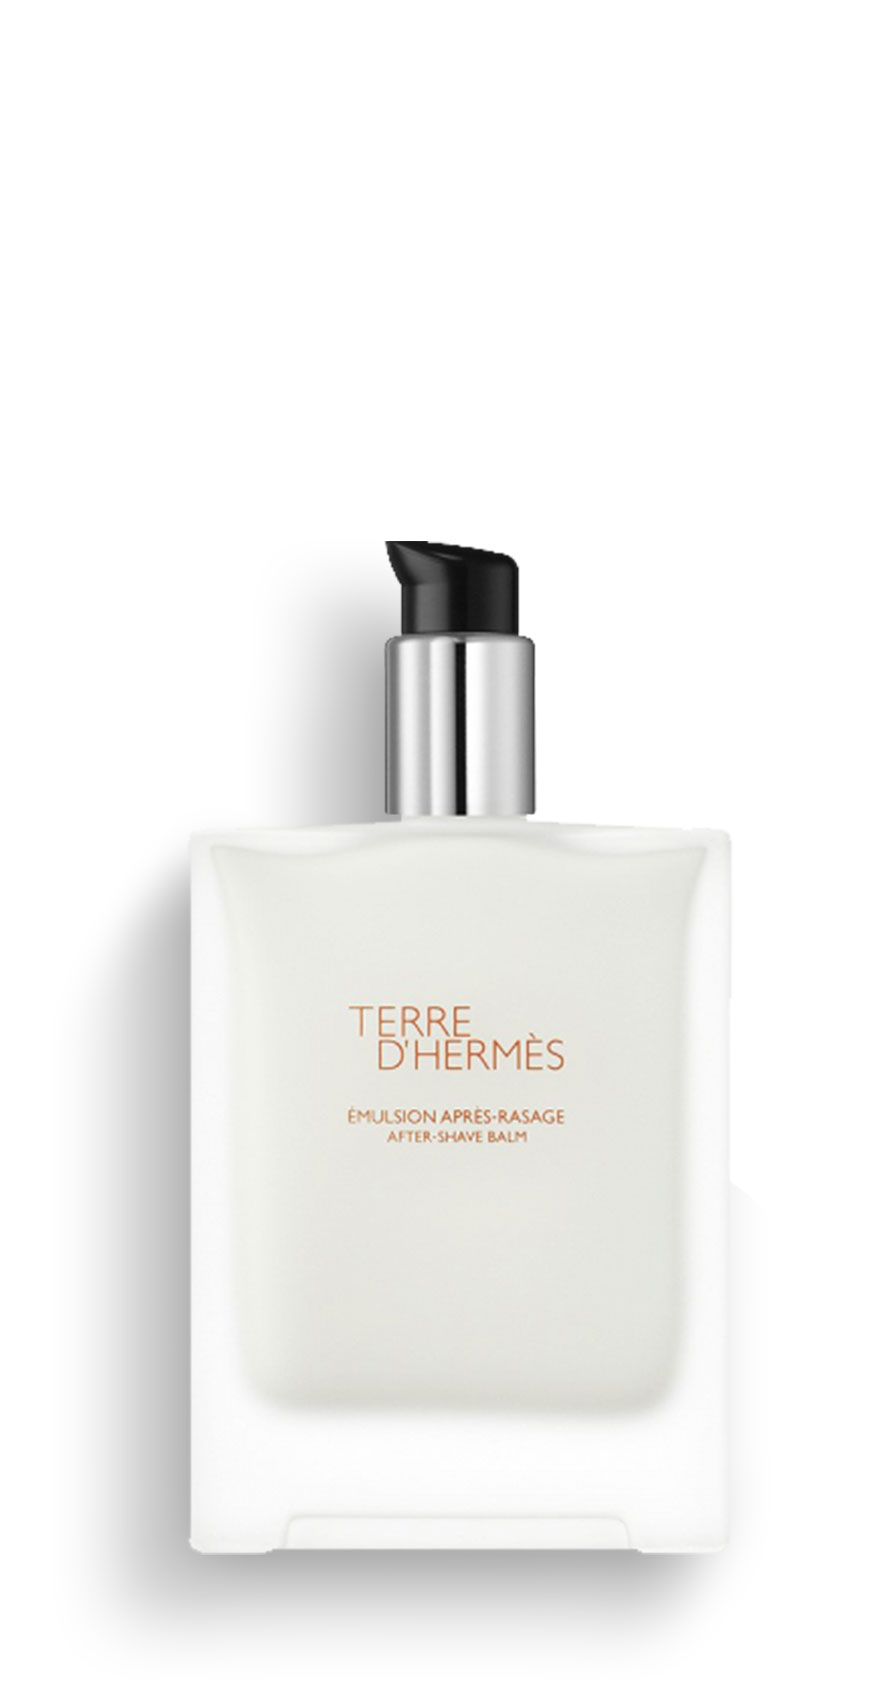 Hermès - Terre d'Hermès - Émulsion après-rasage 100 ml.